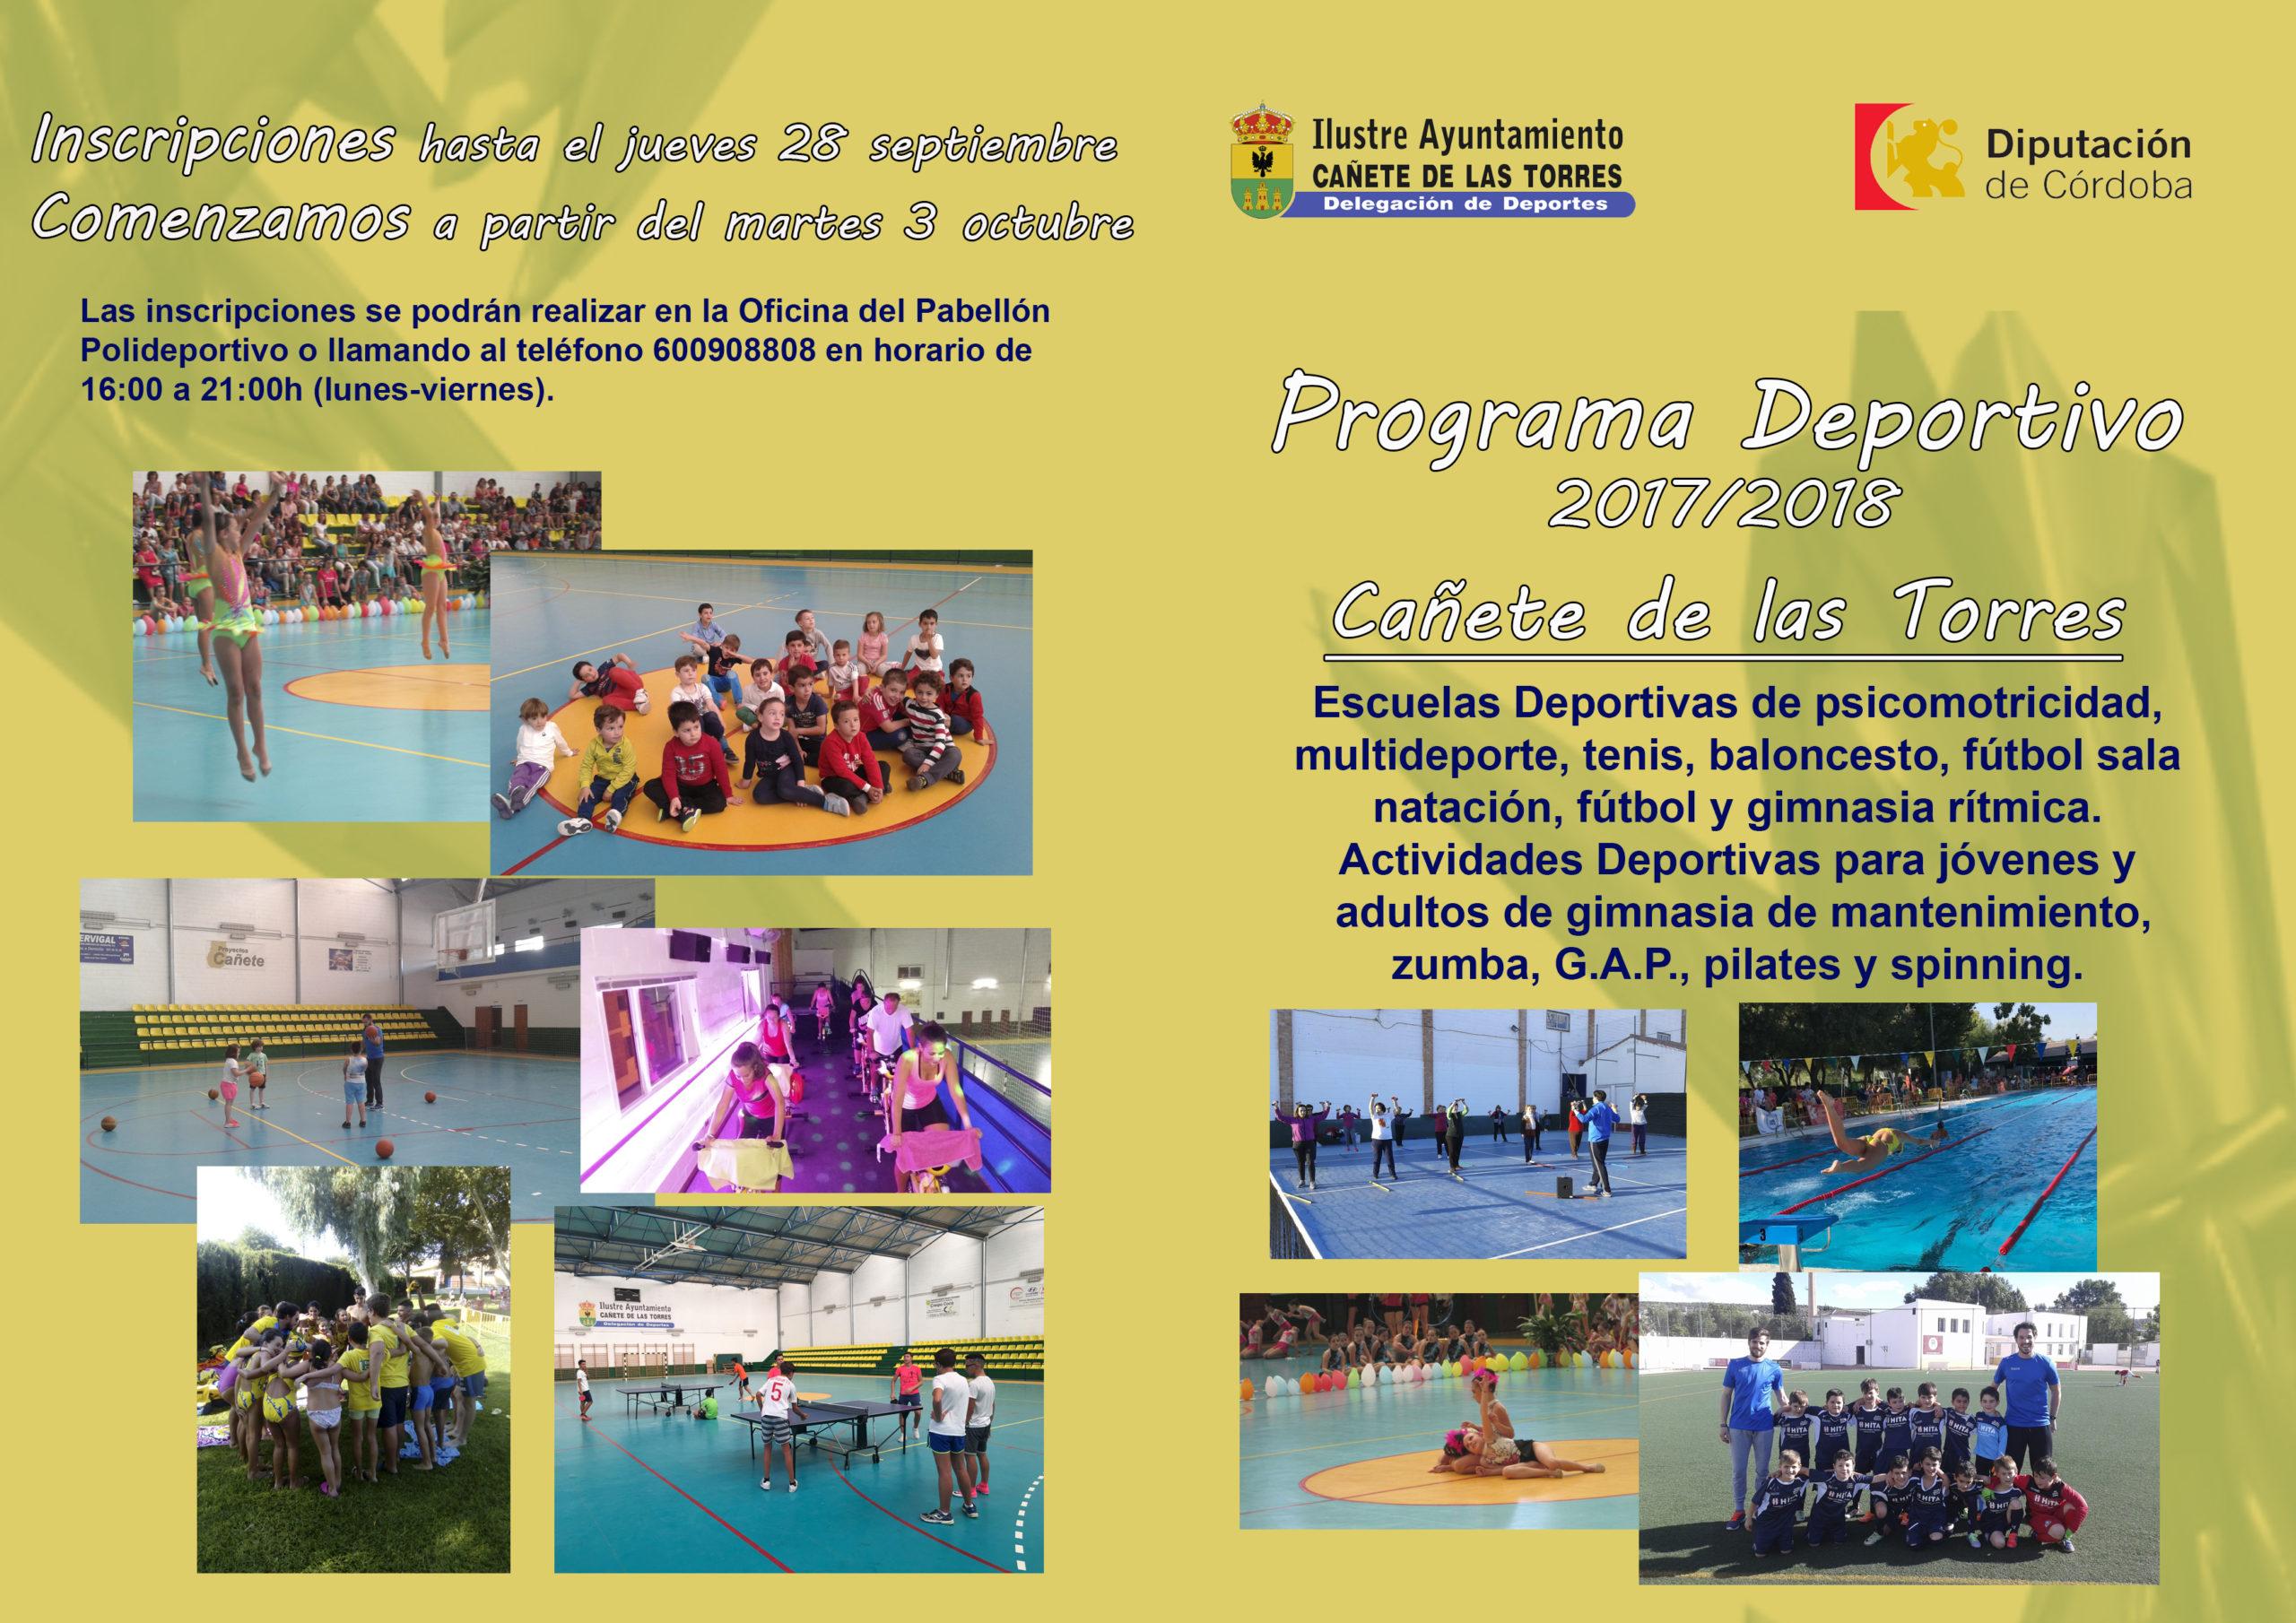 Programa Deportivo 2017/18 Cañete de las Torres 2